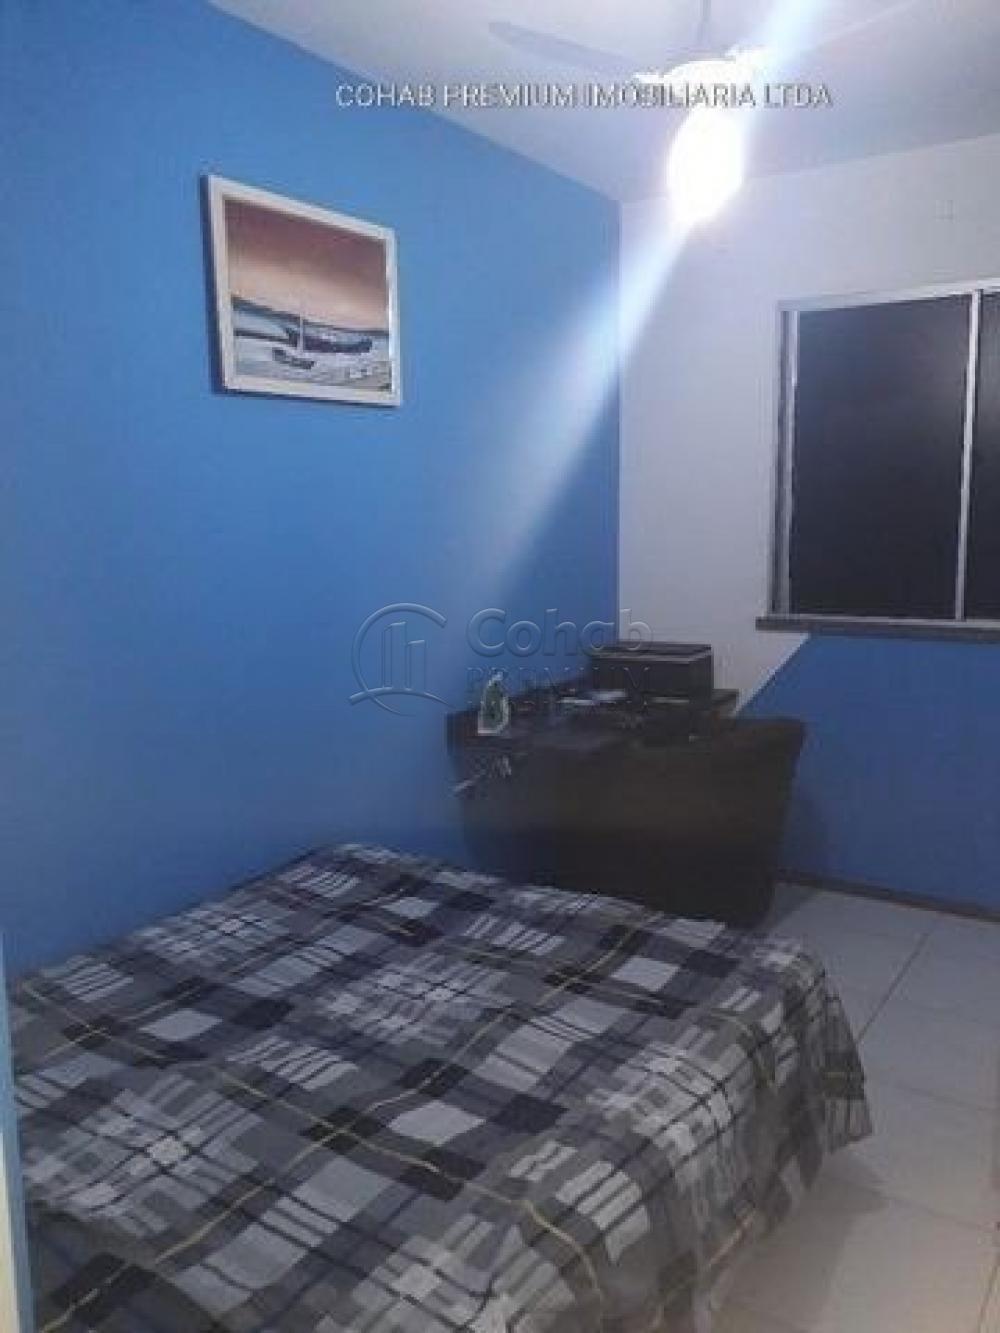 Comprar Apartamento / Padrão em Aracaju apenas R$ 170.000,00 - Foto 8